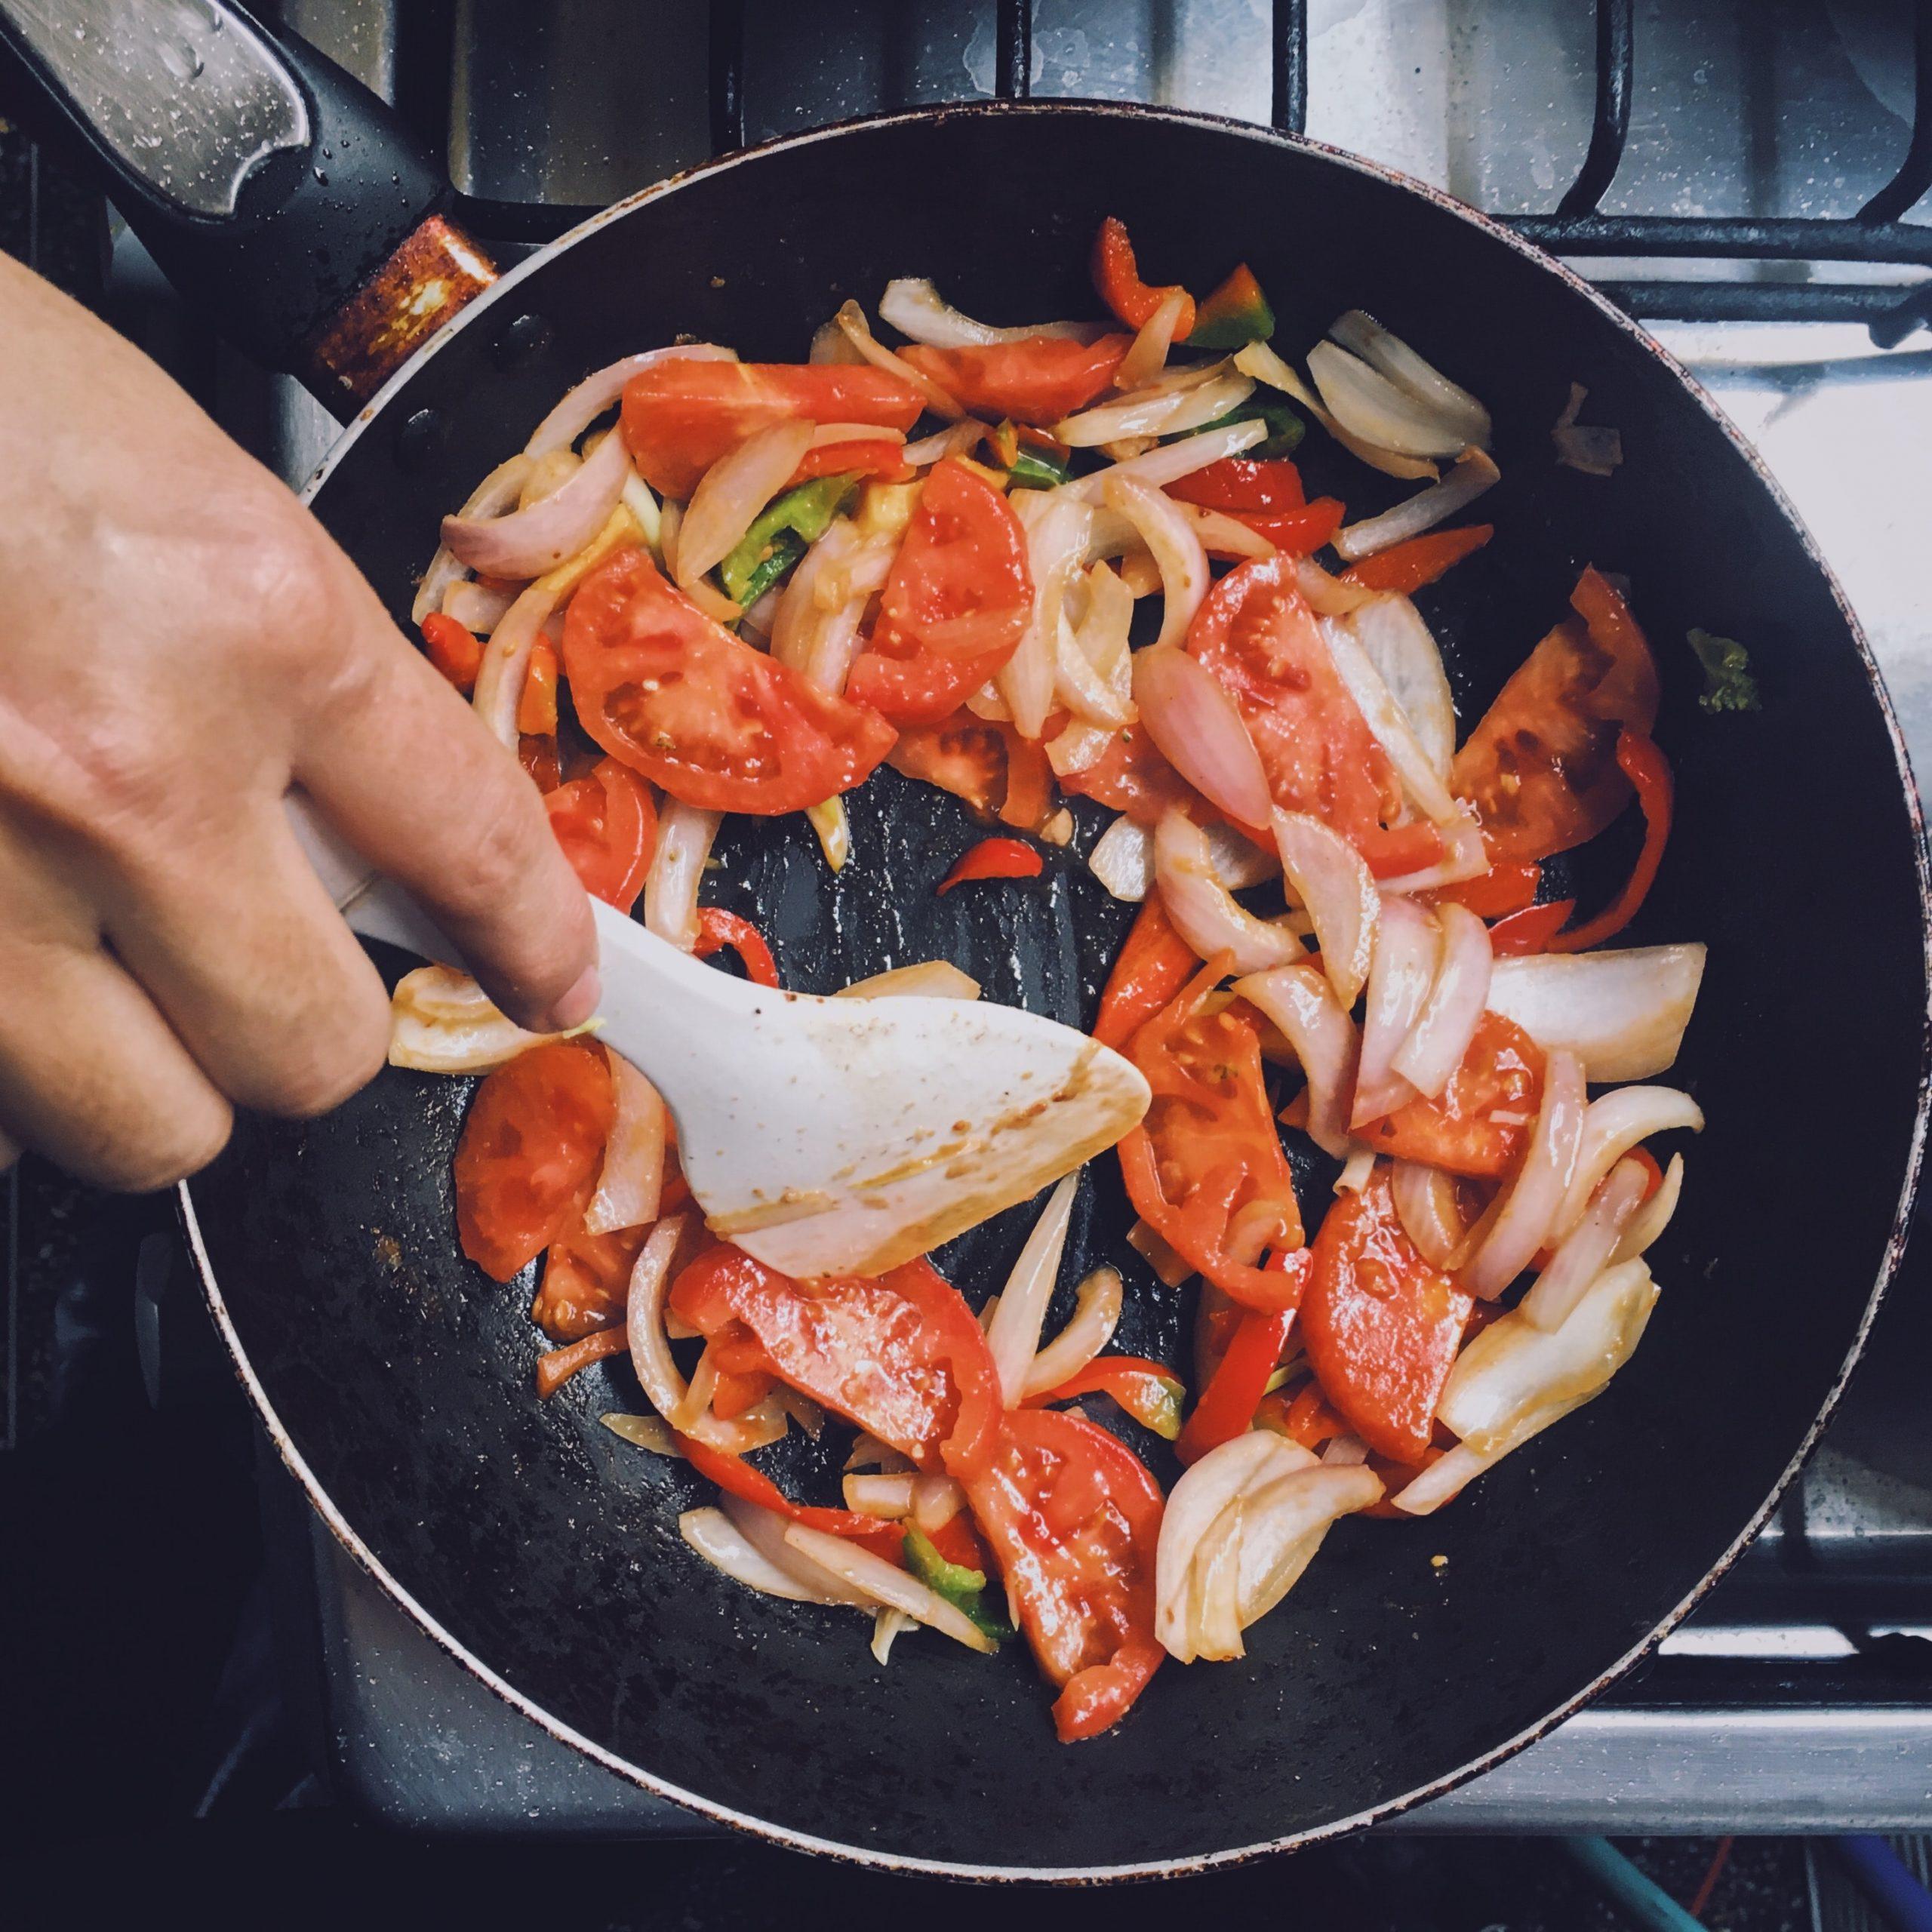 Derfor skal du i gang med at lave din egen mad